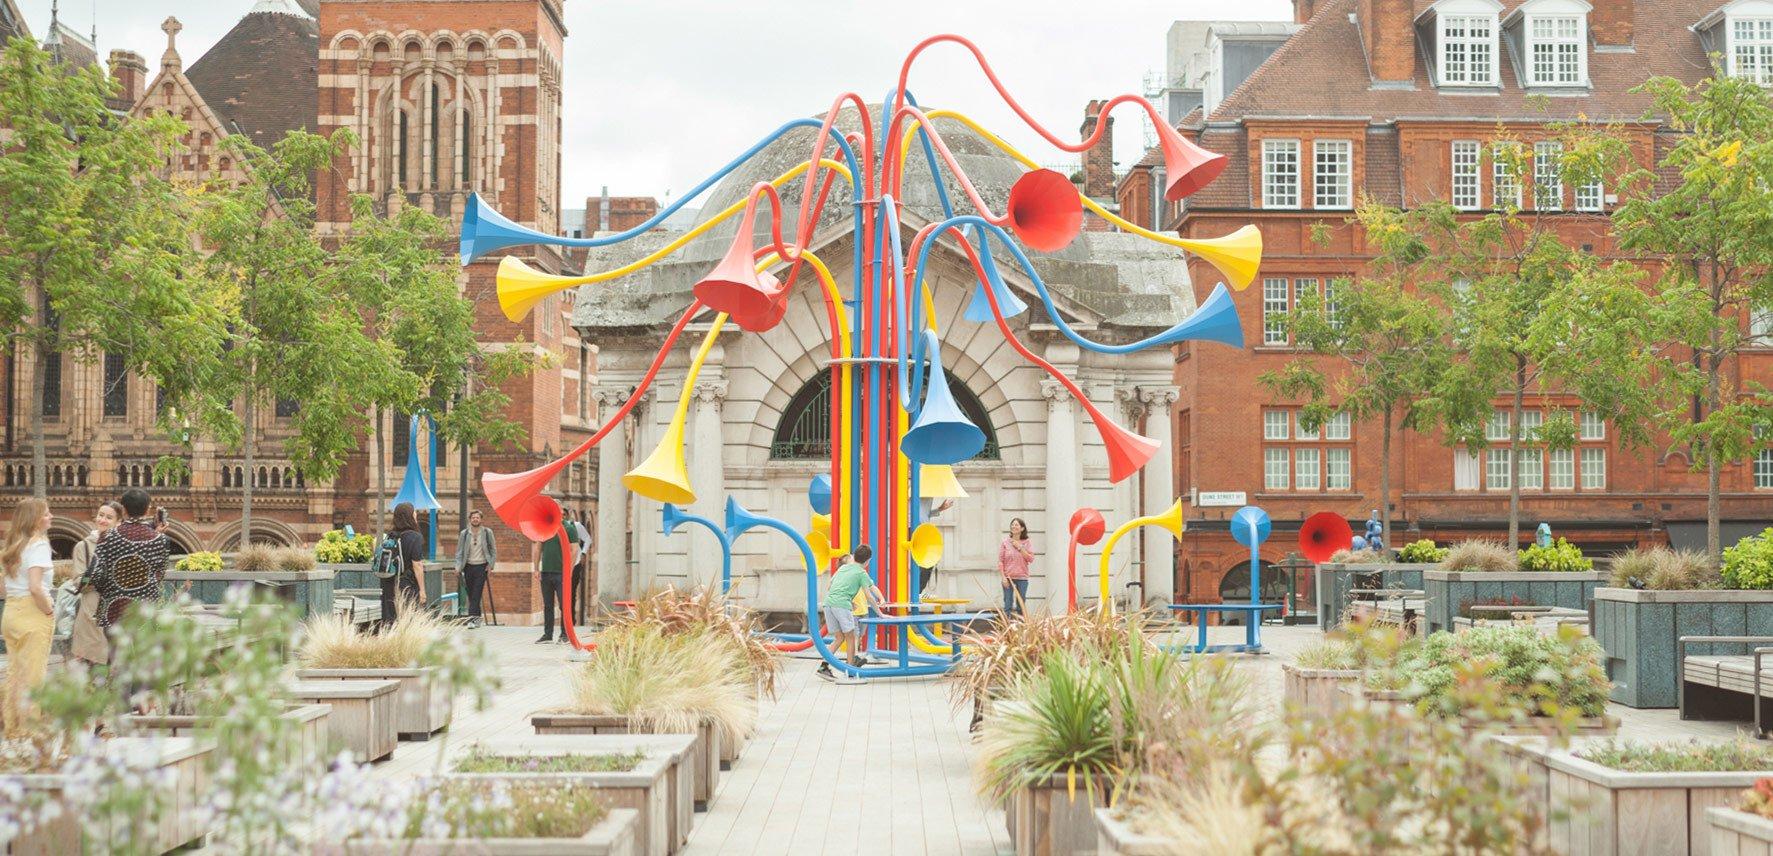 Interaktive Installation Sonic Bloom von Yuri Suzuki in London